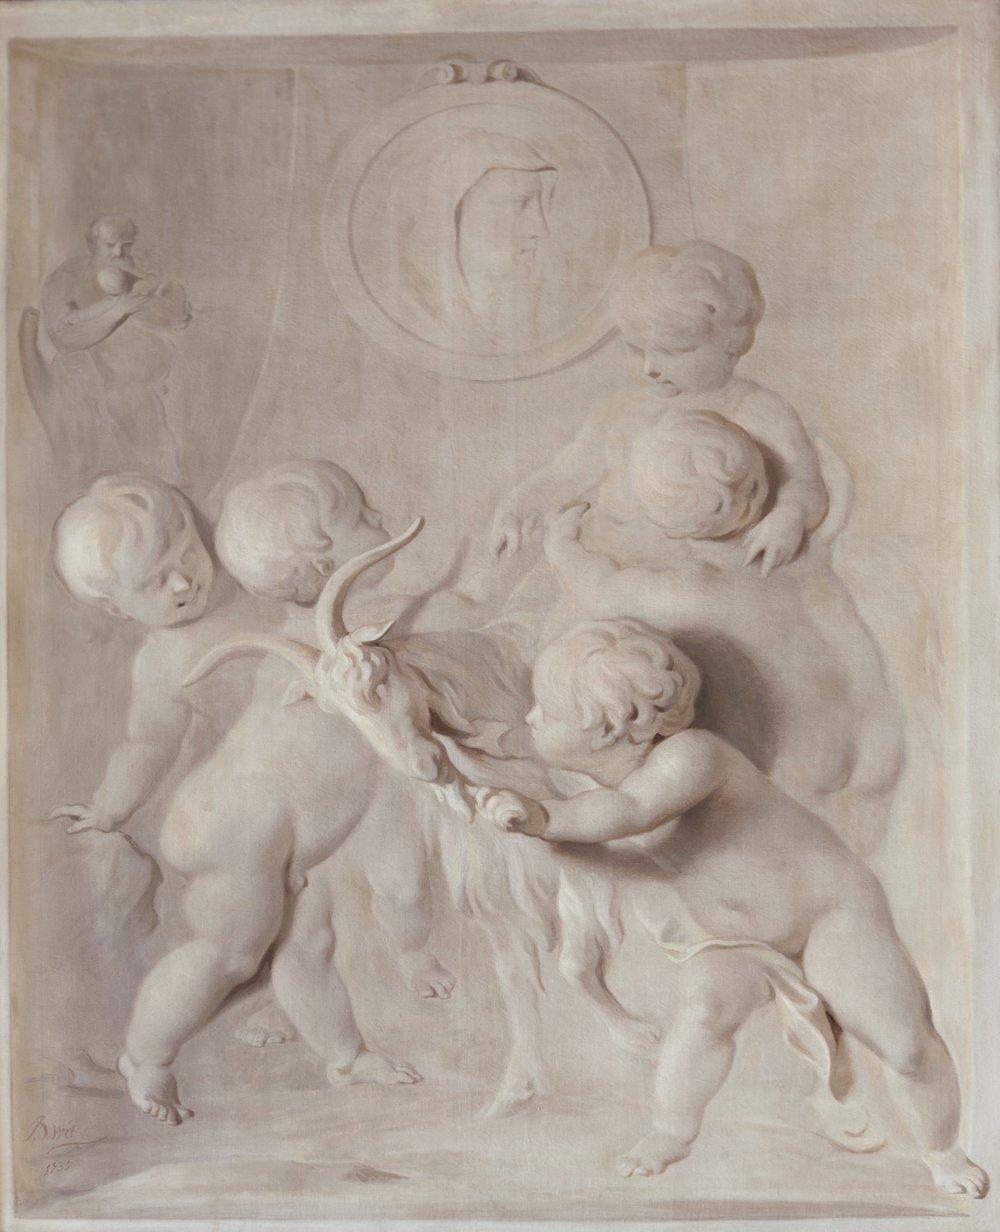 'Voorzichtigheid', Jacob de Wit 1735 Foto: Martijn Gijsbertsen